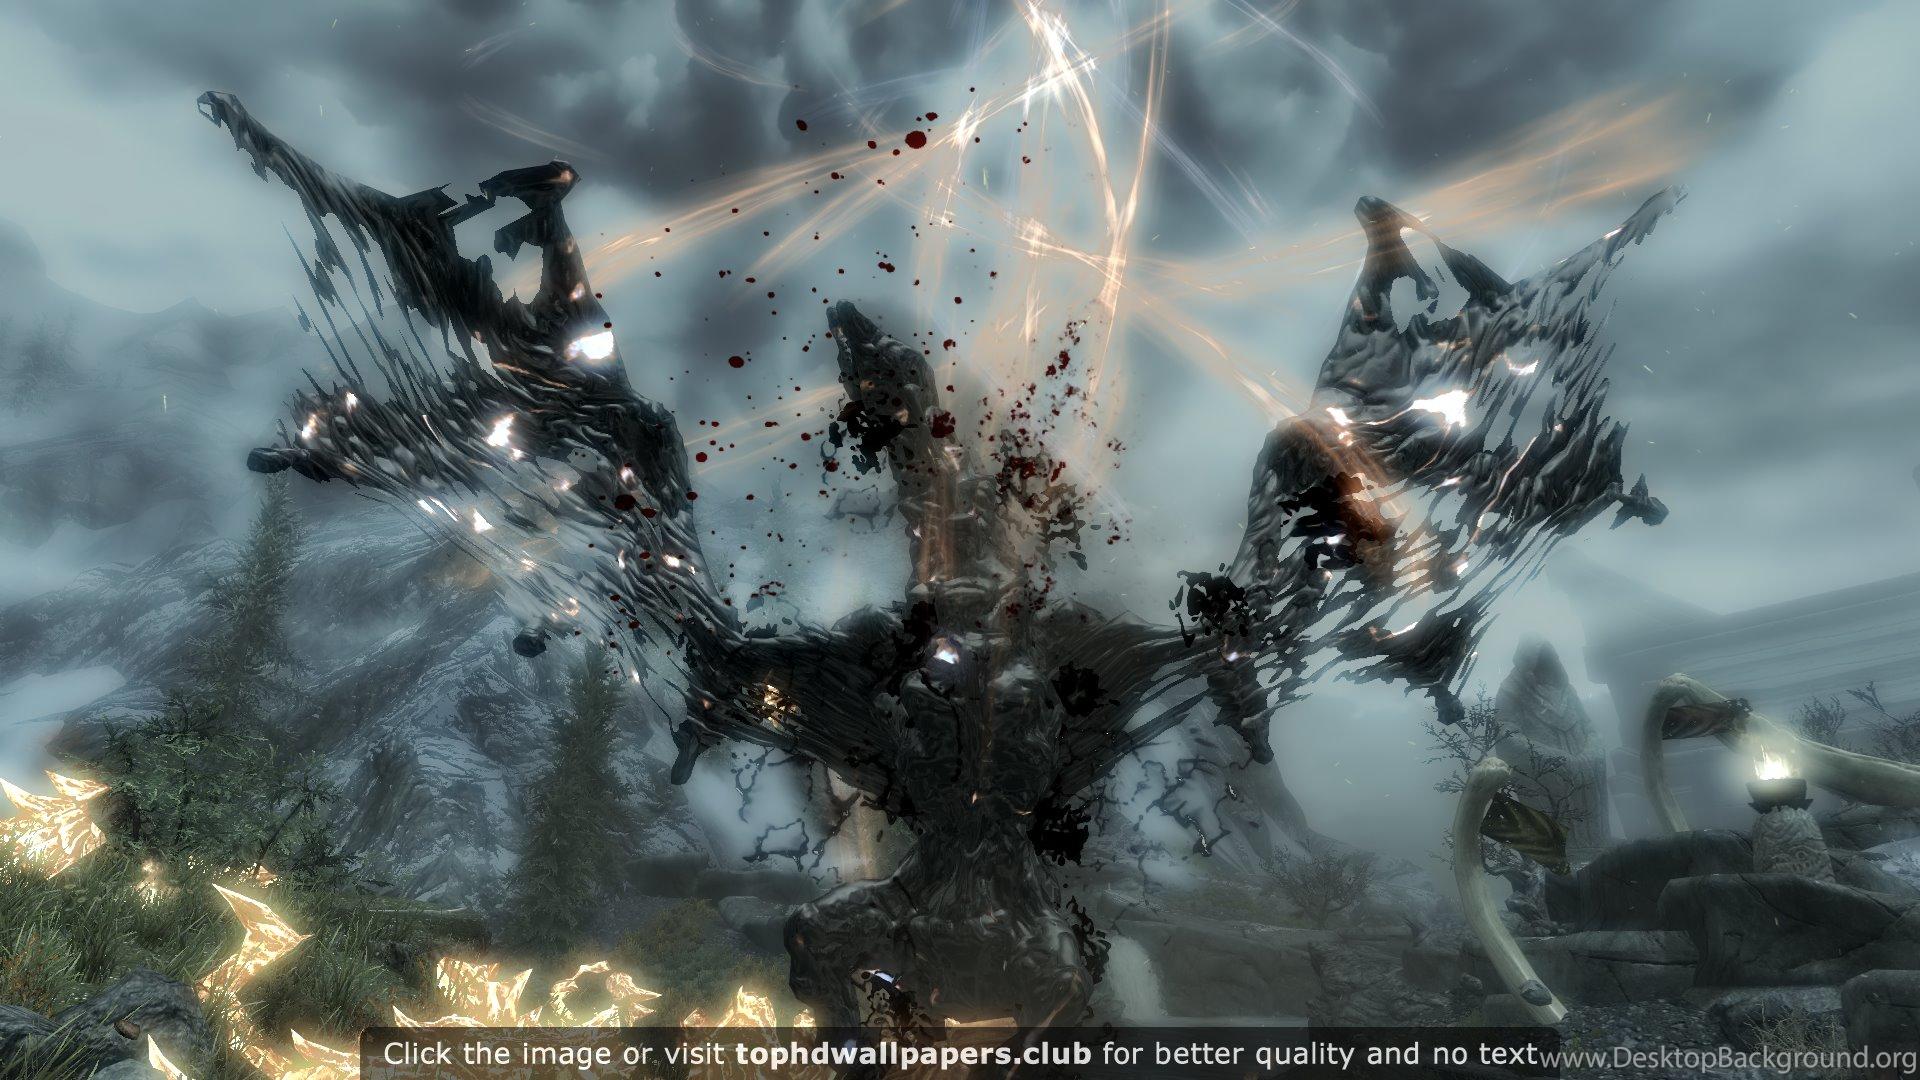 Dragons The Elder Scrolls V Skyrim 4k Or Hd Wallpapers For Your Pc Desktop Background